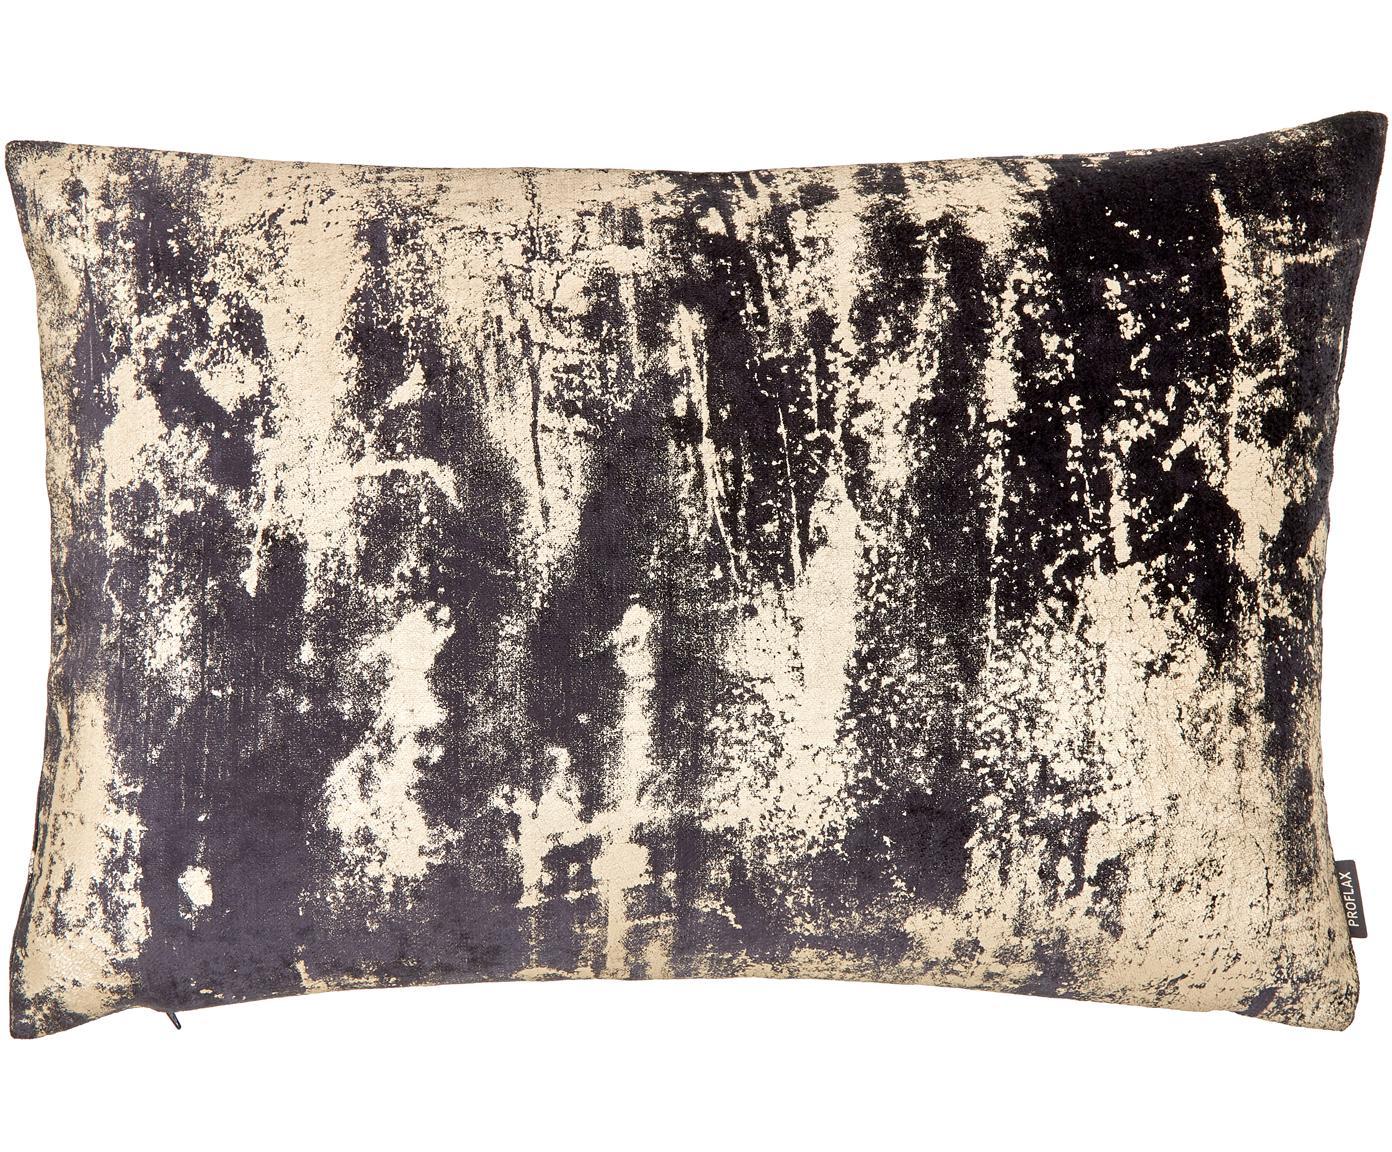 Samt-Kissenhülle Shiny mit schimmerndem Vintage Muster, Vorderseite: Polyestersamt, Rückseite: Polyester, Graphitgrau, 40 x 60 cm